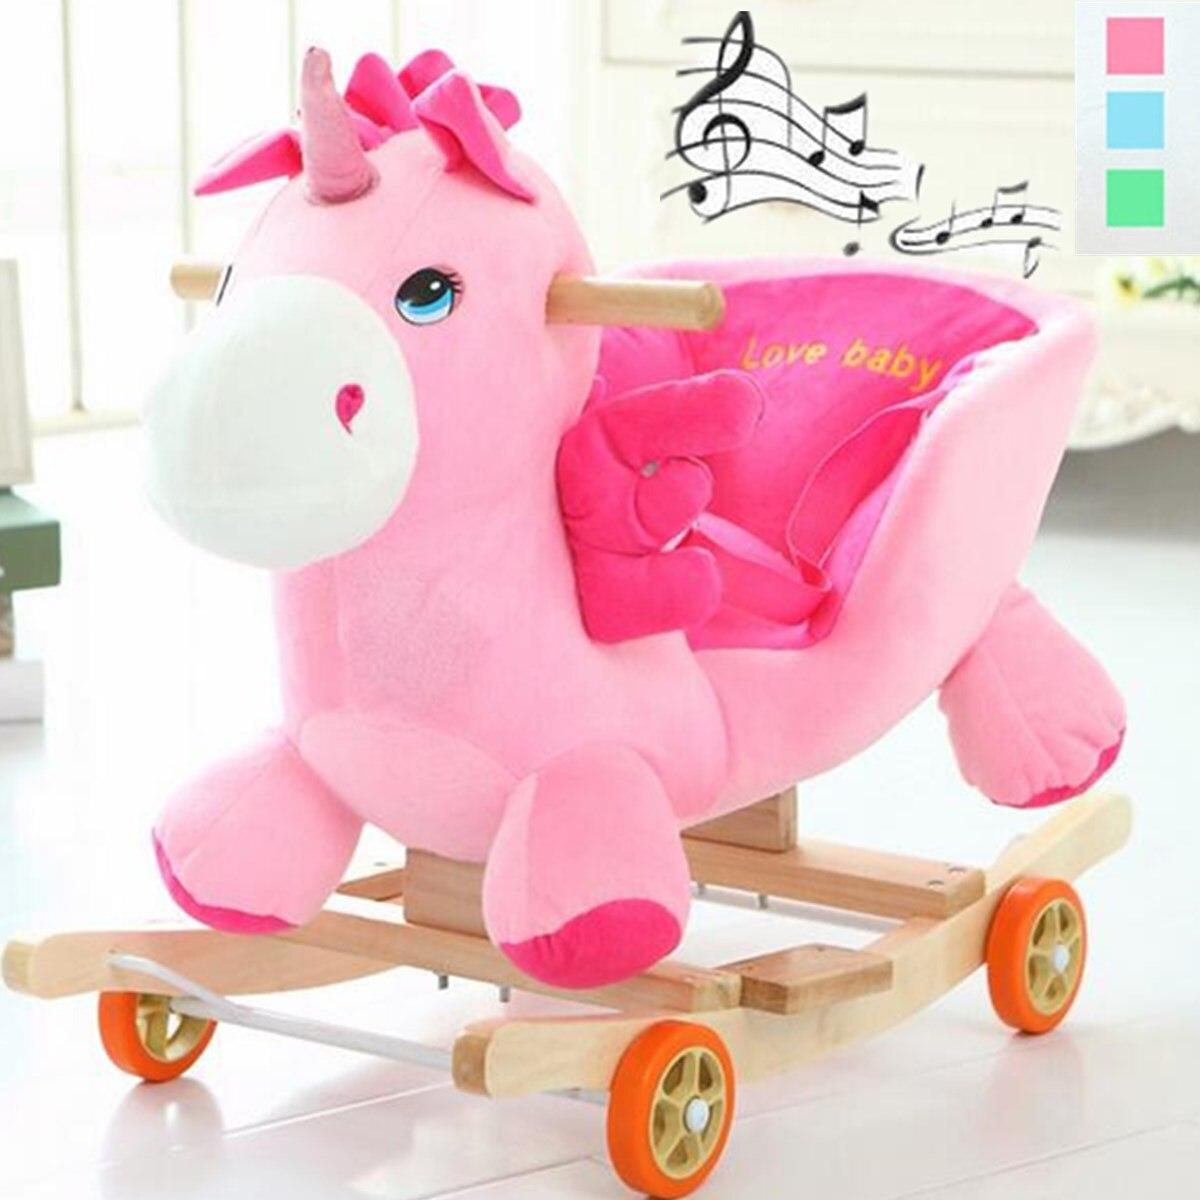 Multi-fonction en bois en peluche Animal à bascule cheval de troie jouet chaise à bascule bébé chariot enfant chariot avec musique enfants cadeau